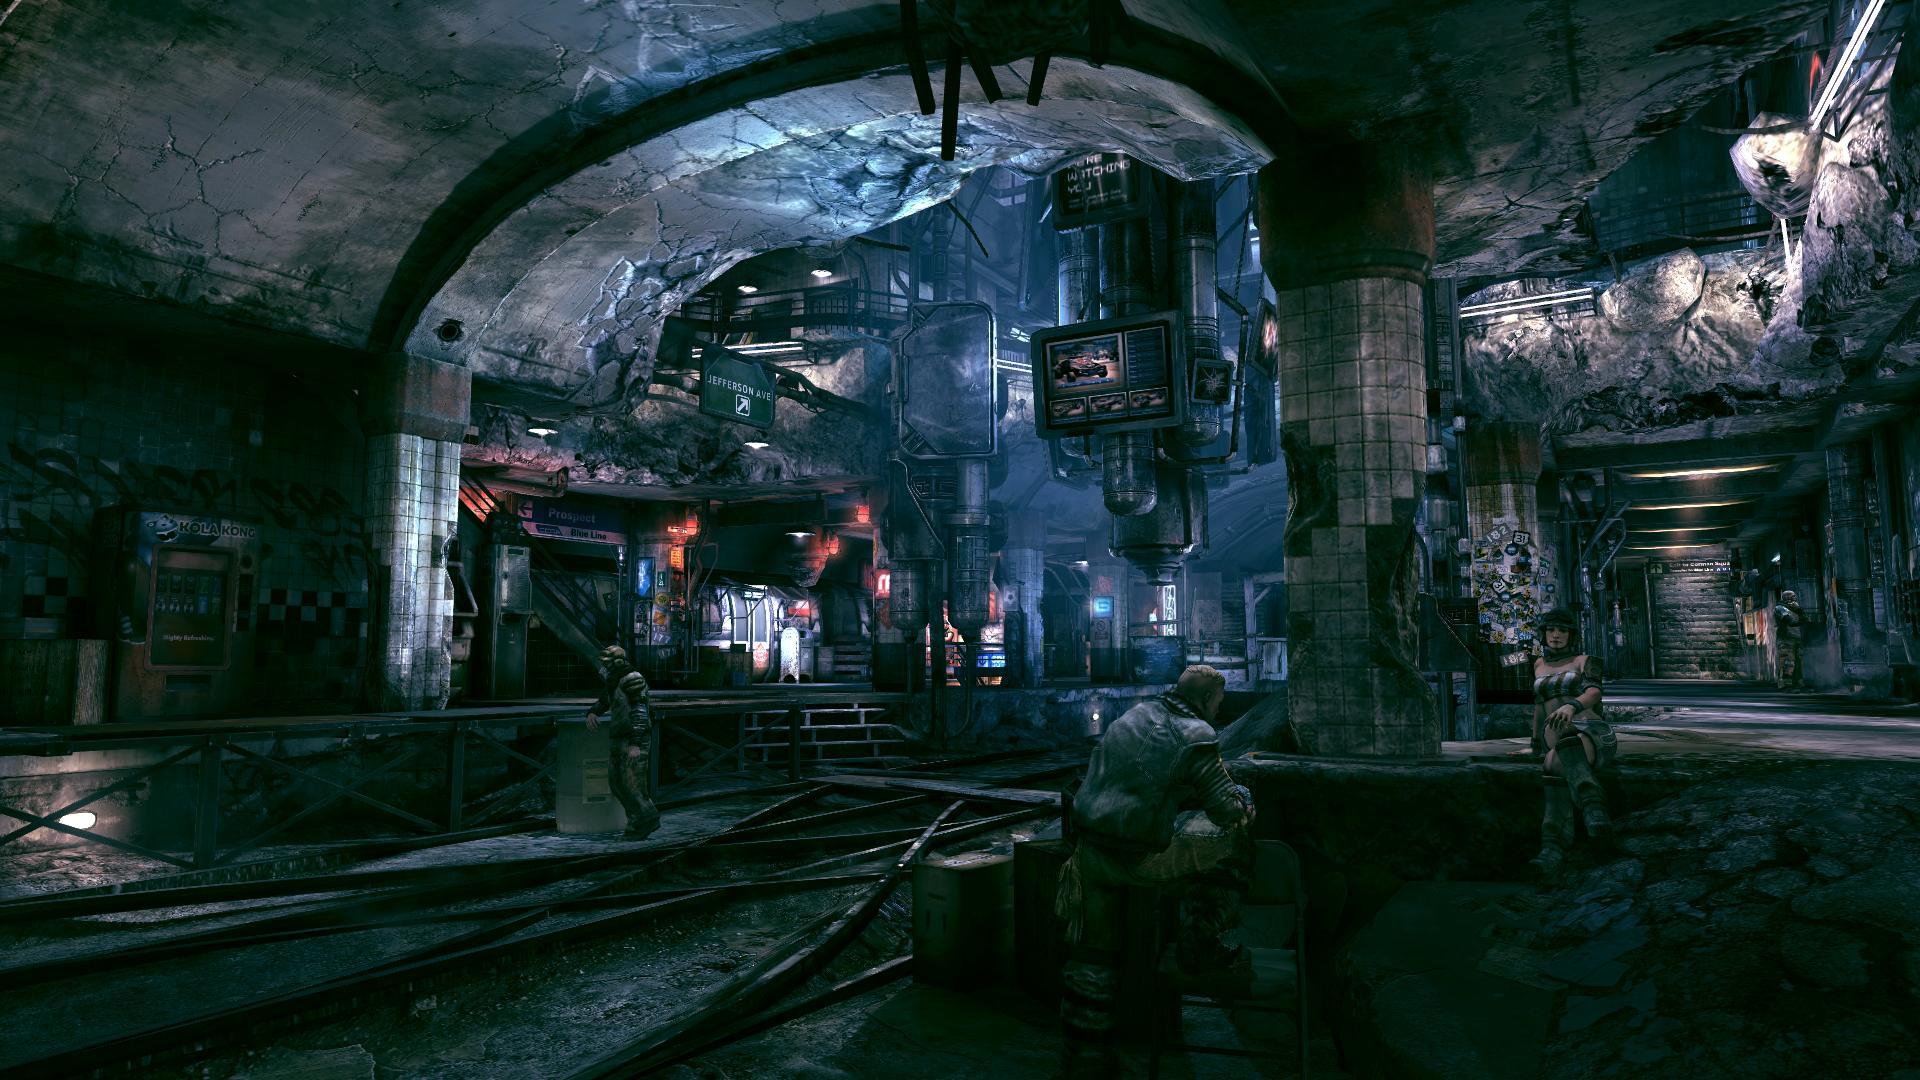 Fantasy Art Underground Ruined Town